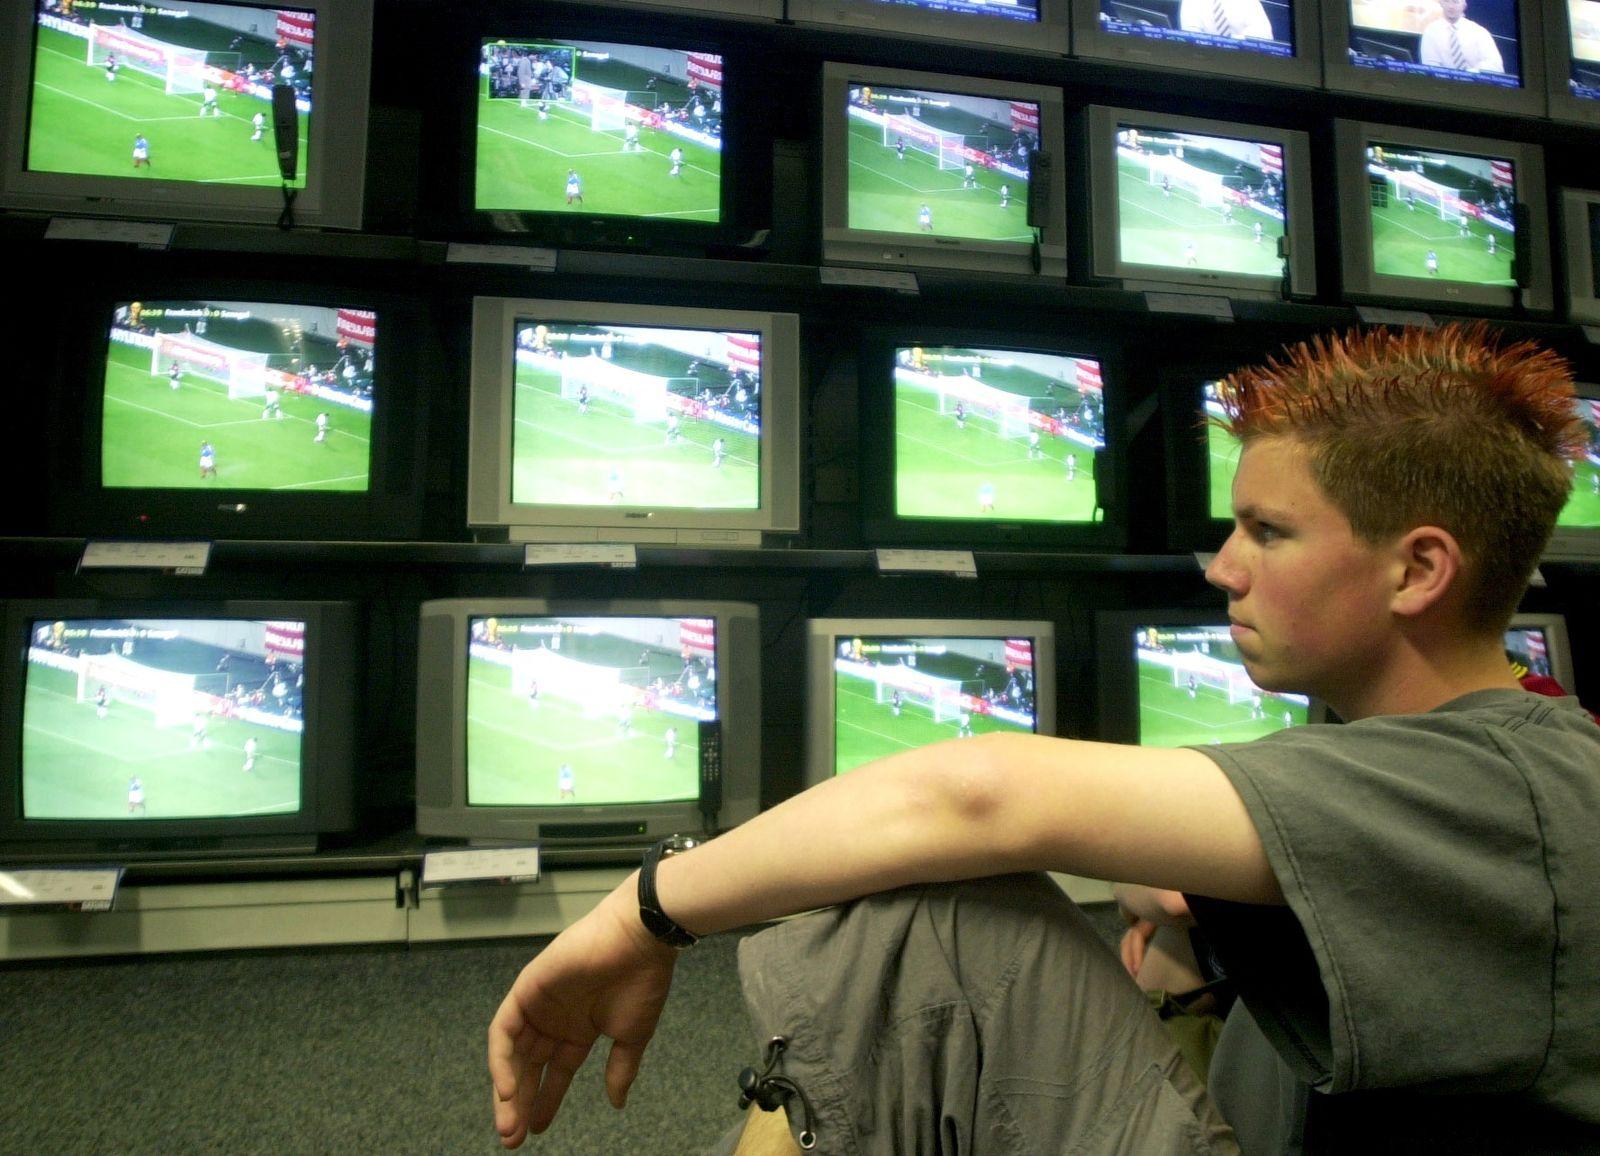 NICHT VERWENDEN Fernseher / Bildröhren-Fernseher